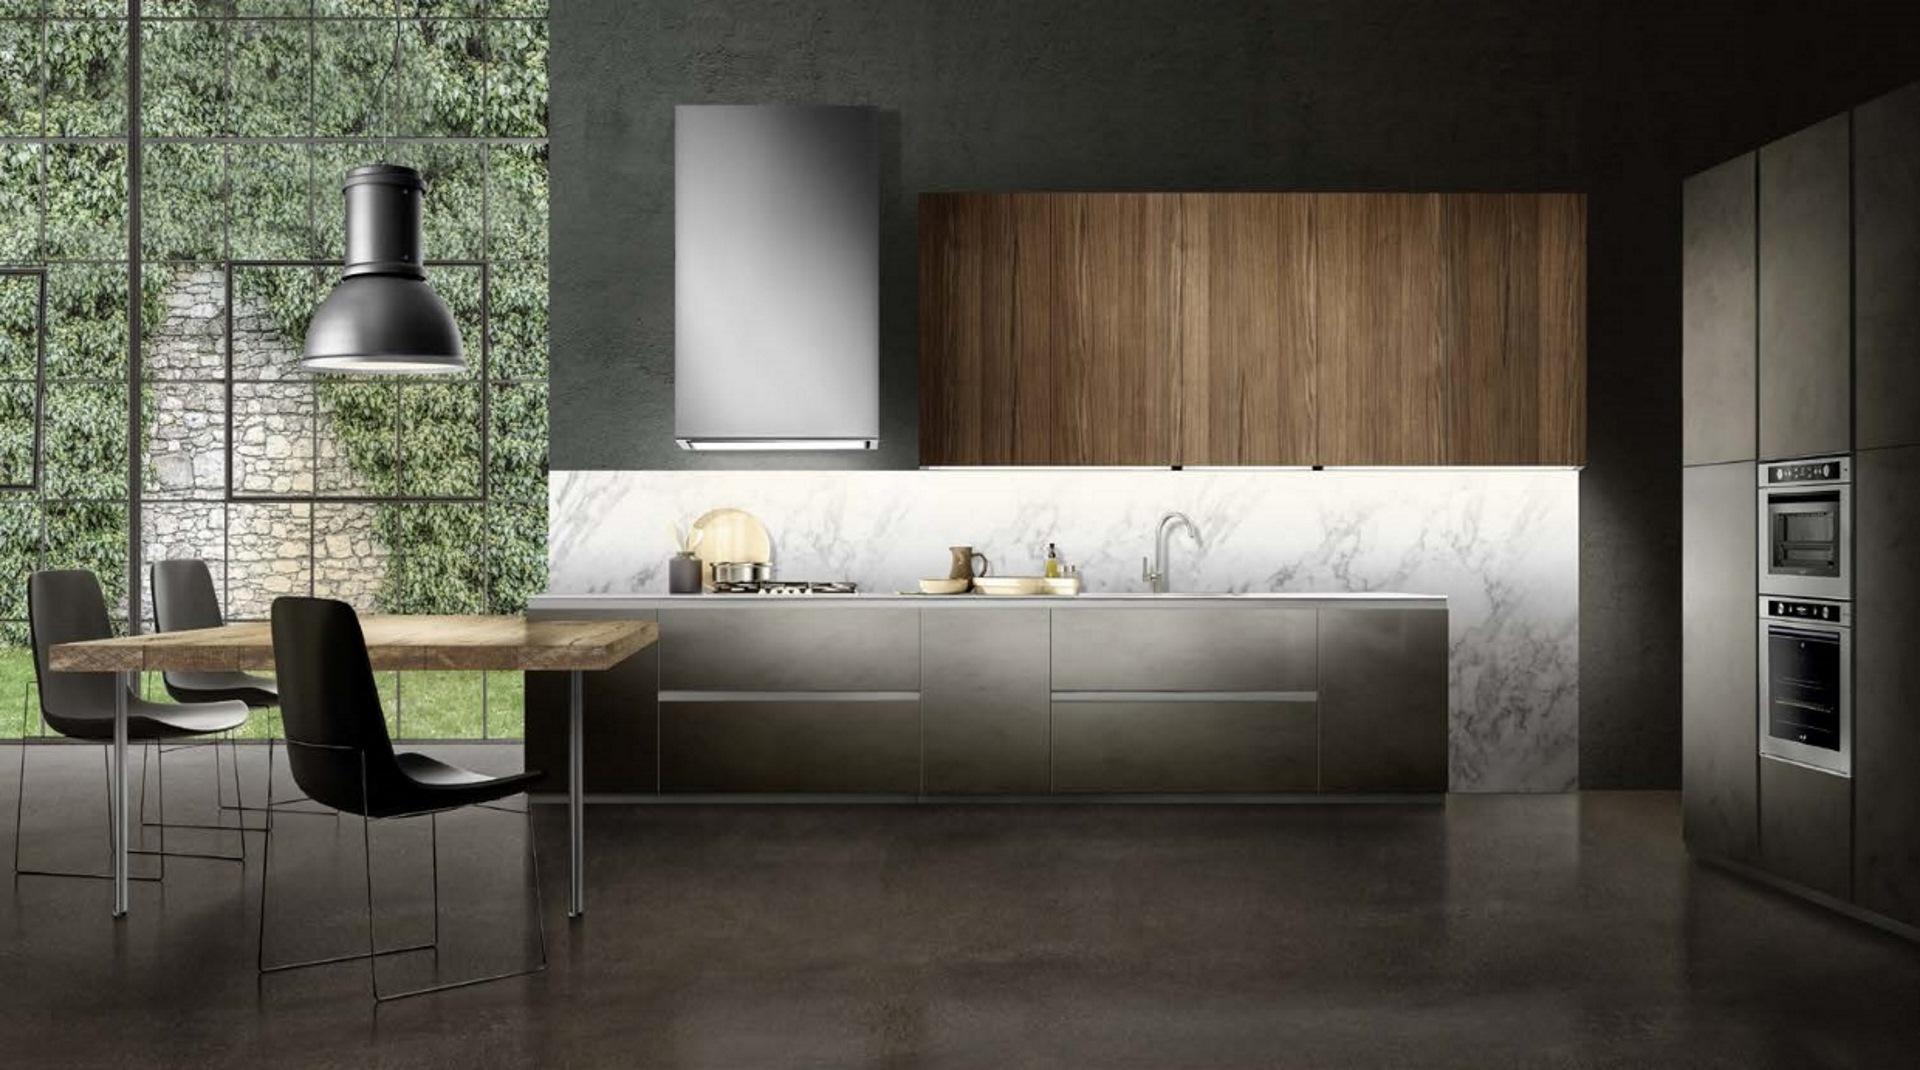 Linea - Una cucina moderna dal design minimale - CUCINE COMPOSIT